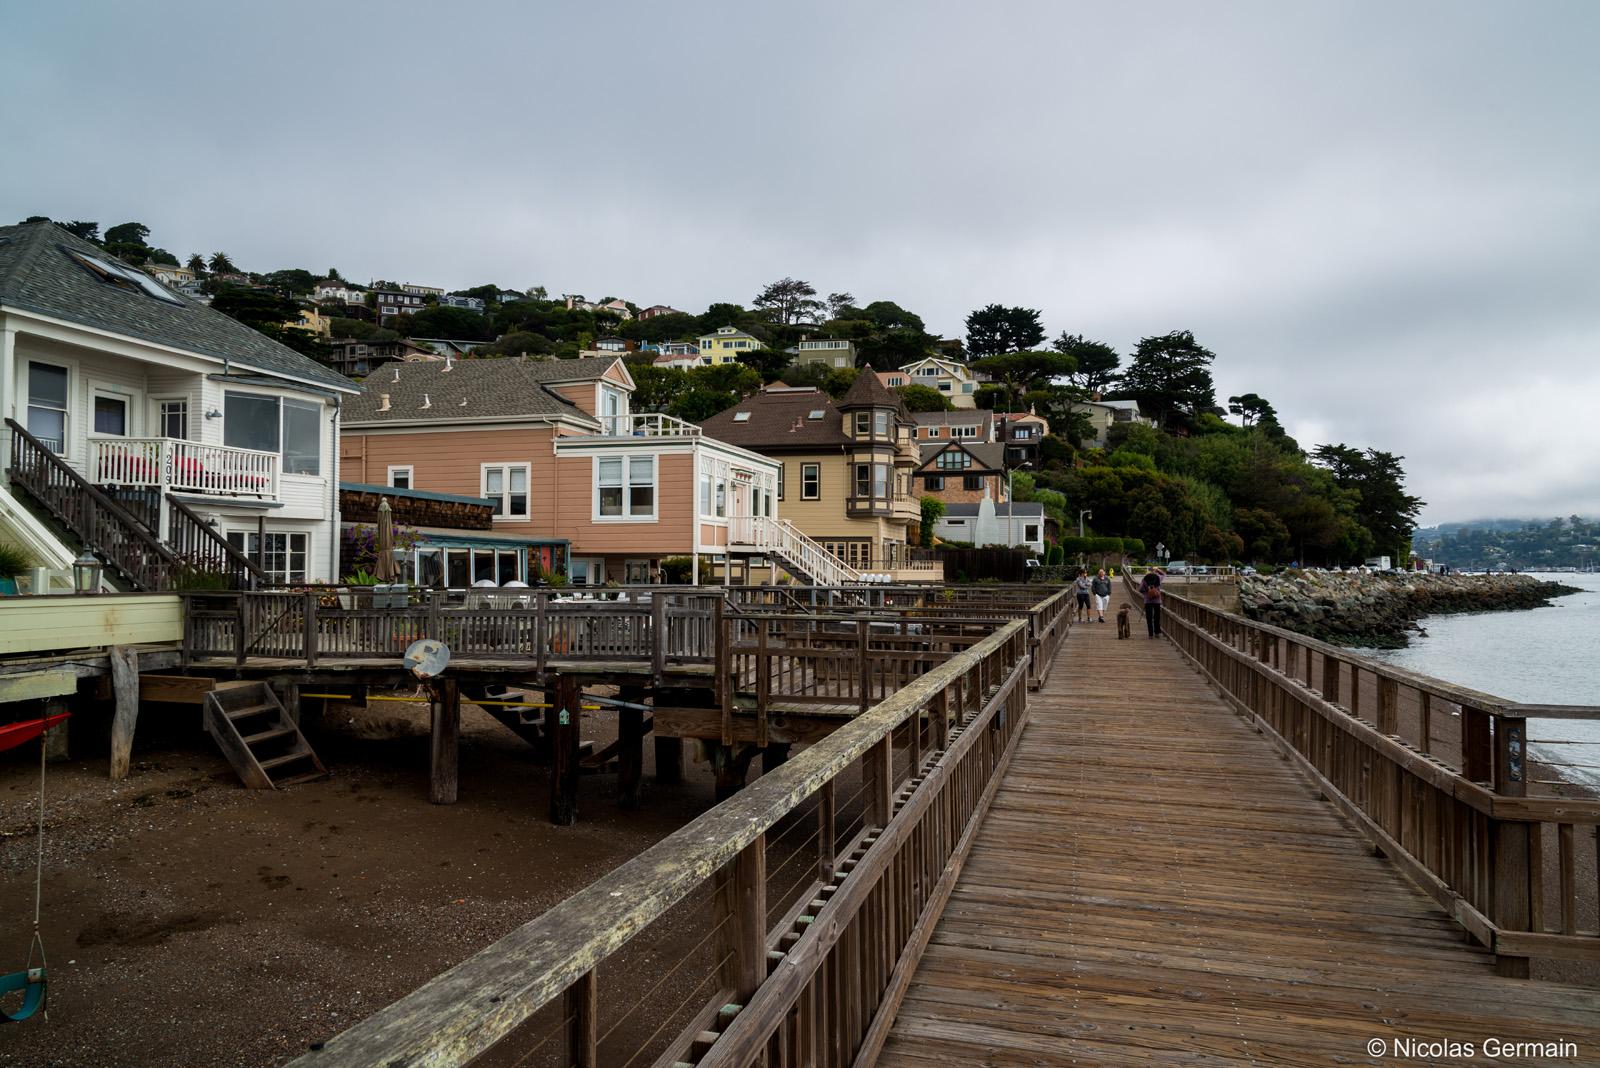 Maisons au bord de l'eau à Sausalito, de l'autre côté du Golden Gate Bridge de San Francisco